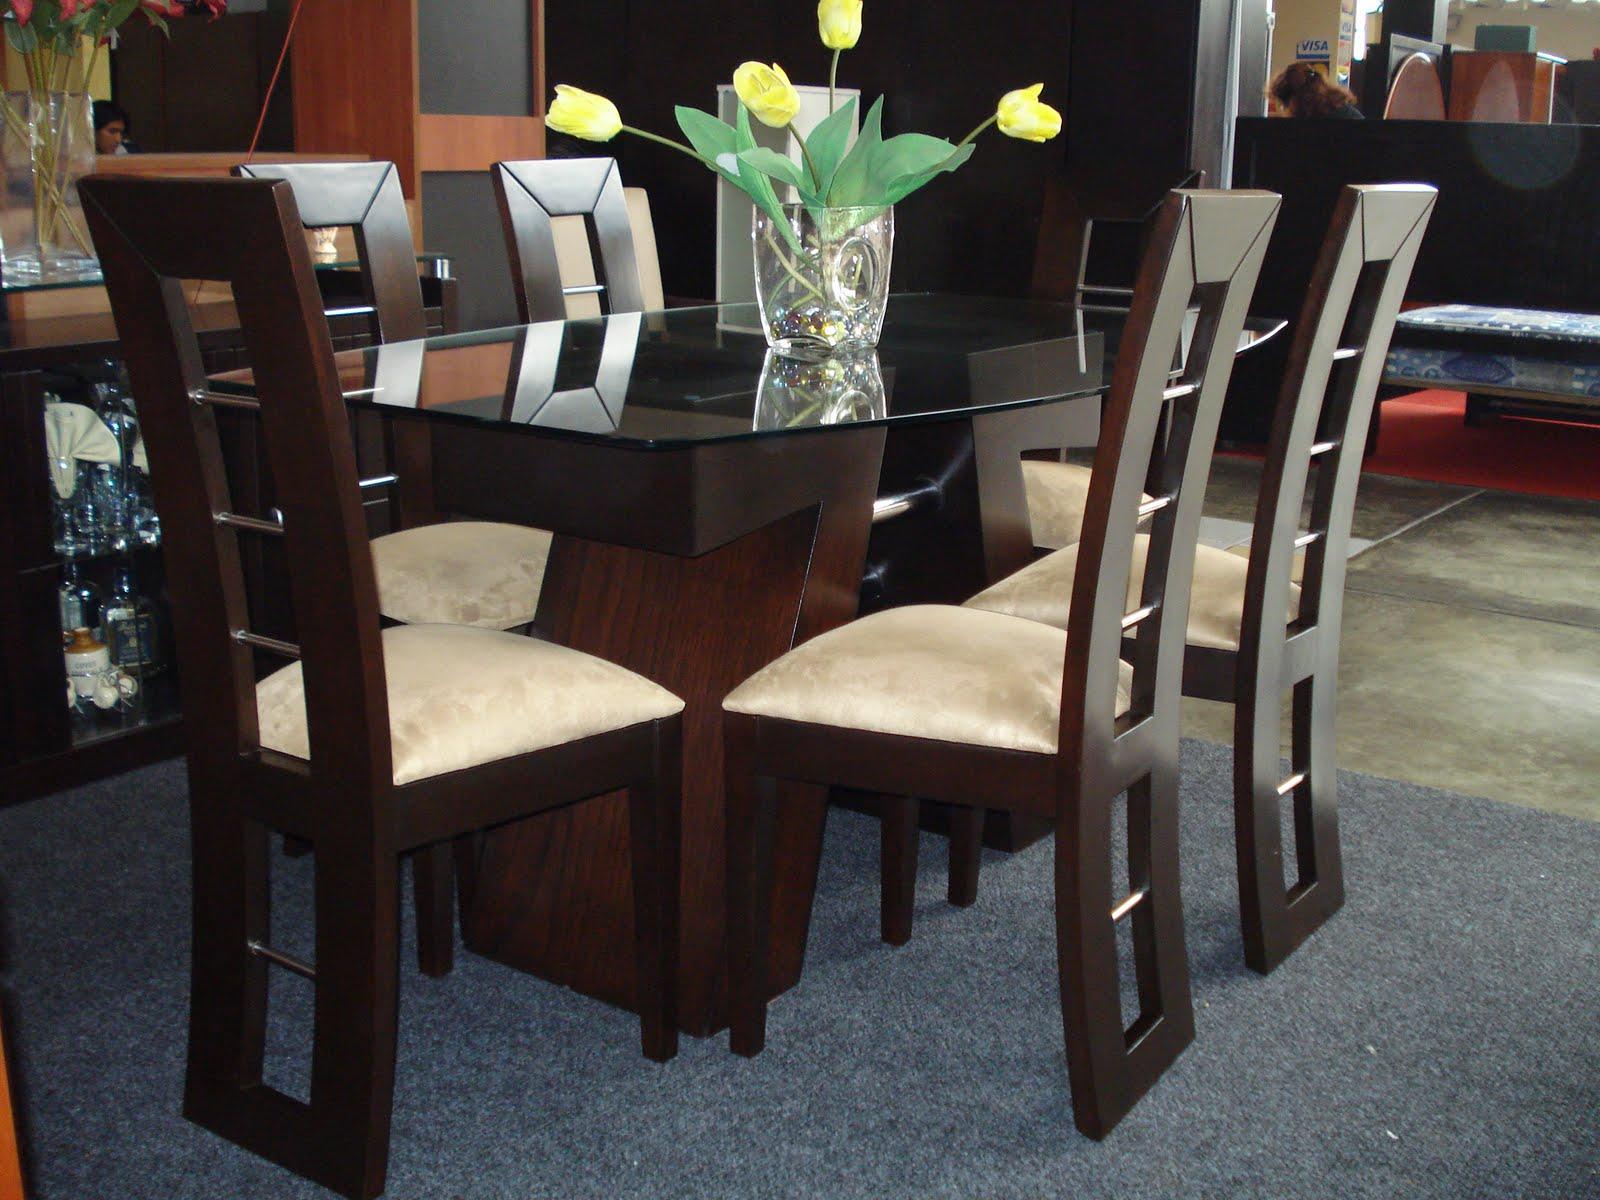 Comercial cobala s a comedores for Comedores 6 sillas